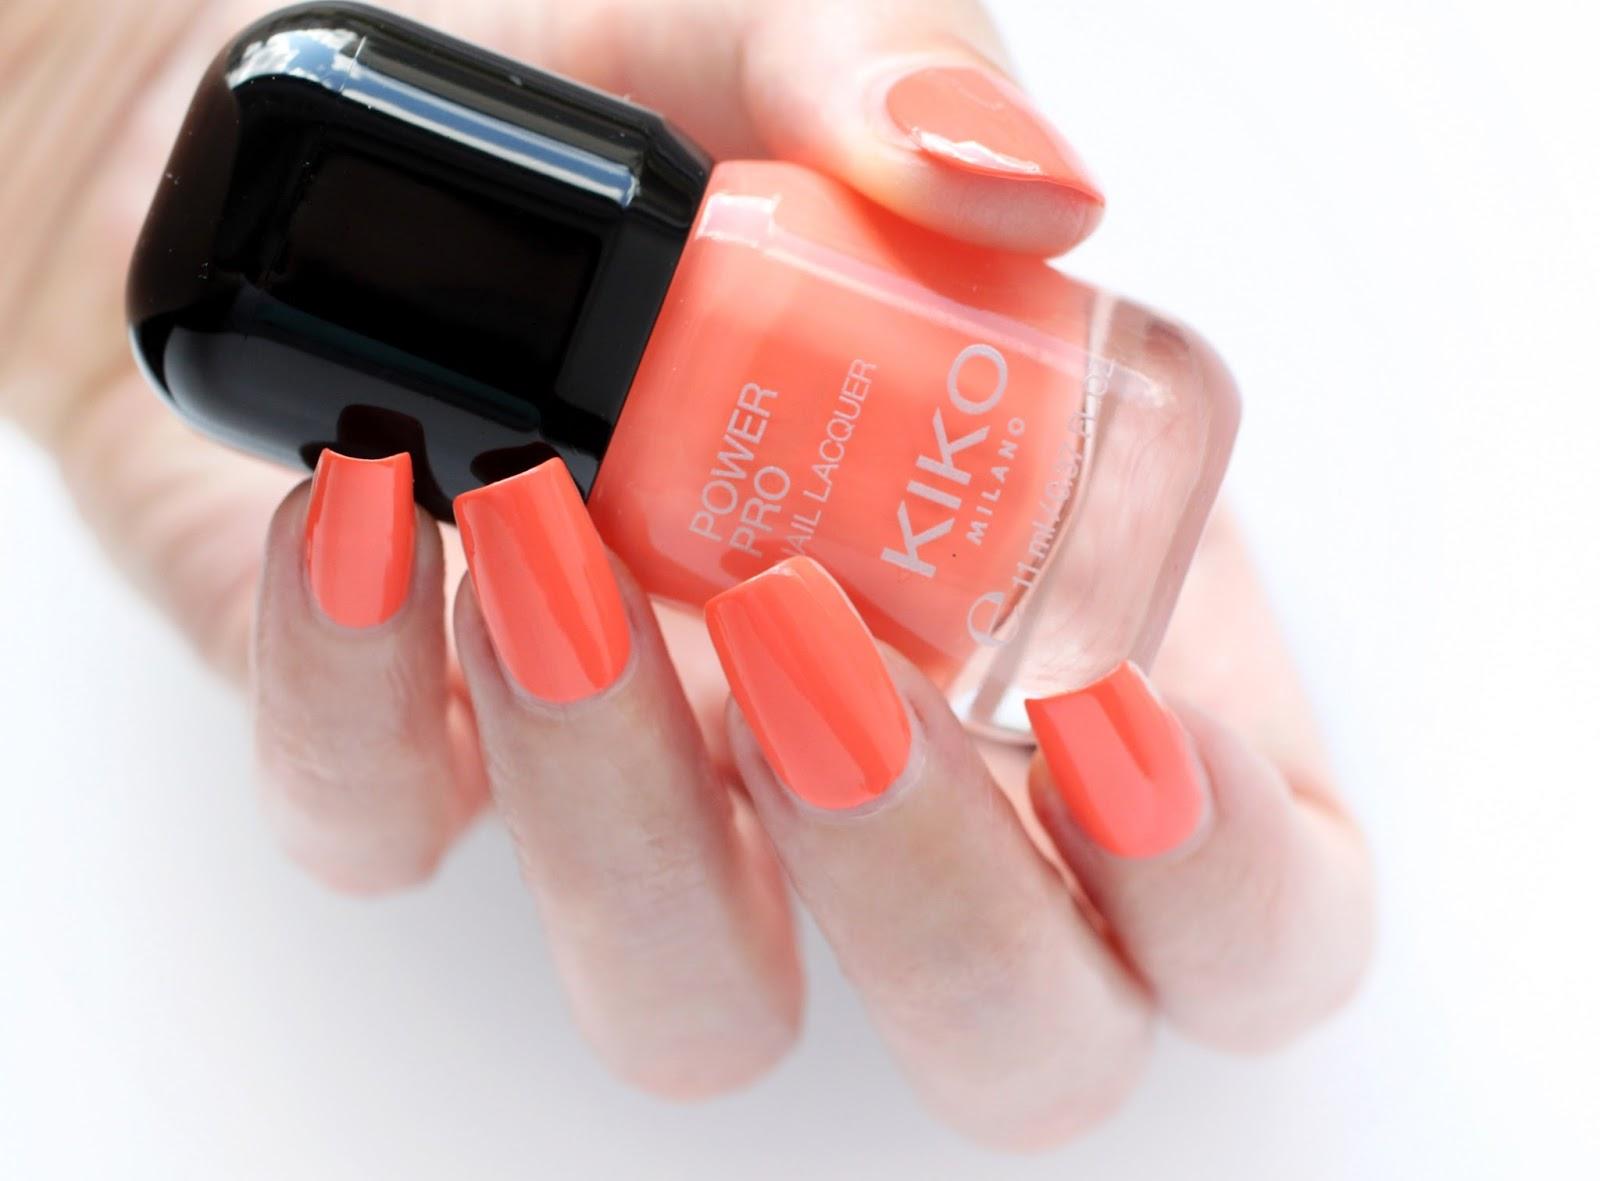 Power Pro Nail Lacquer en Peach de KIKO - DoBeauting